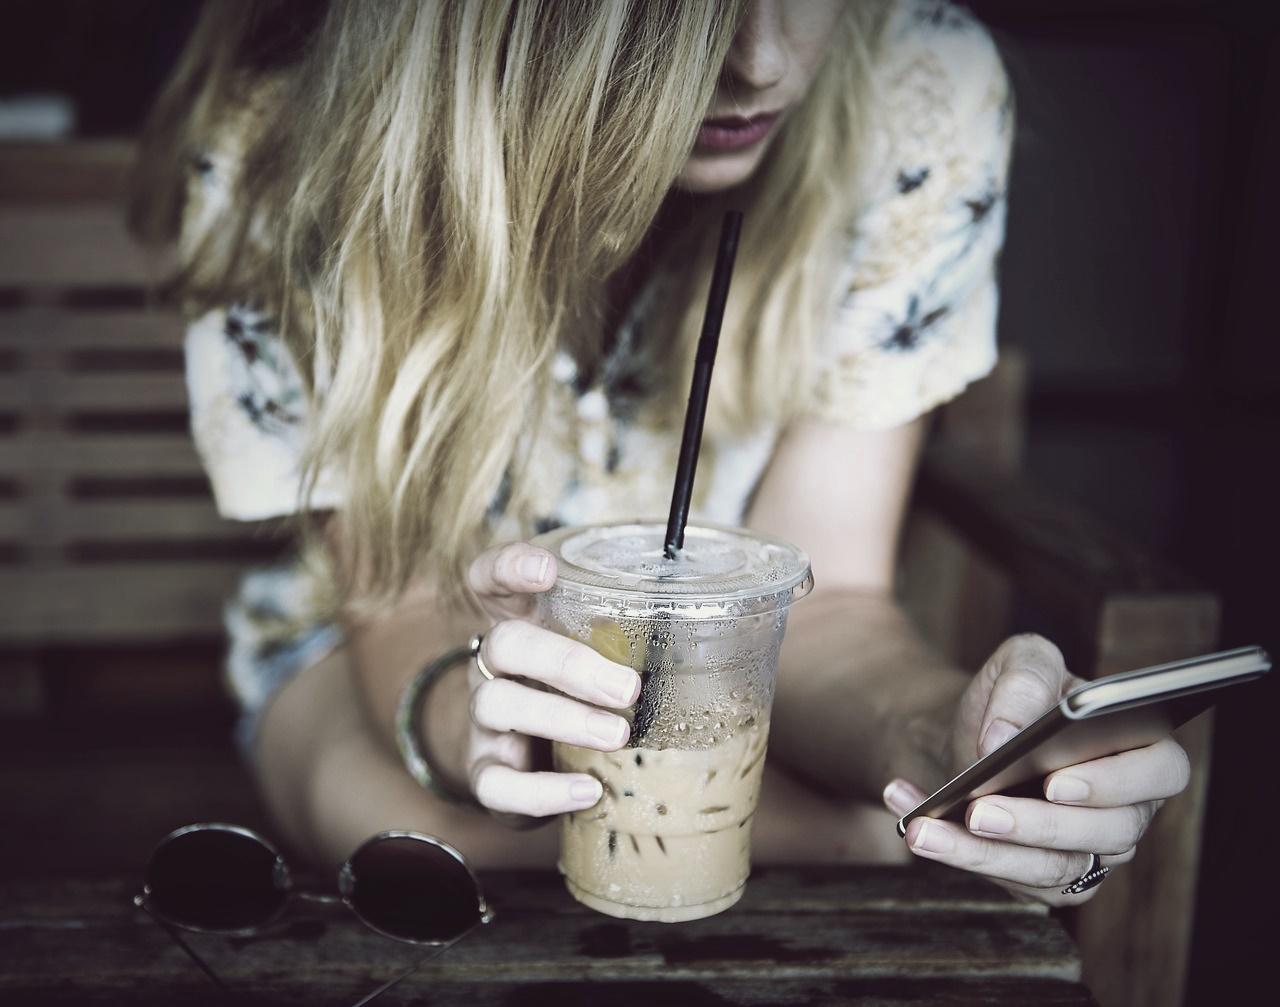 amore o sentimento quando l'amore nasce in chat